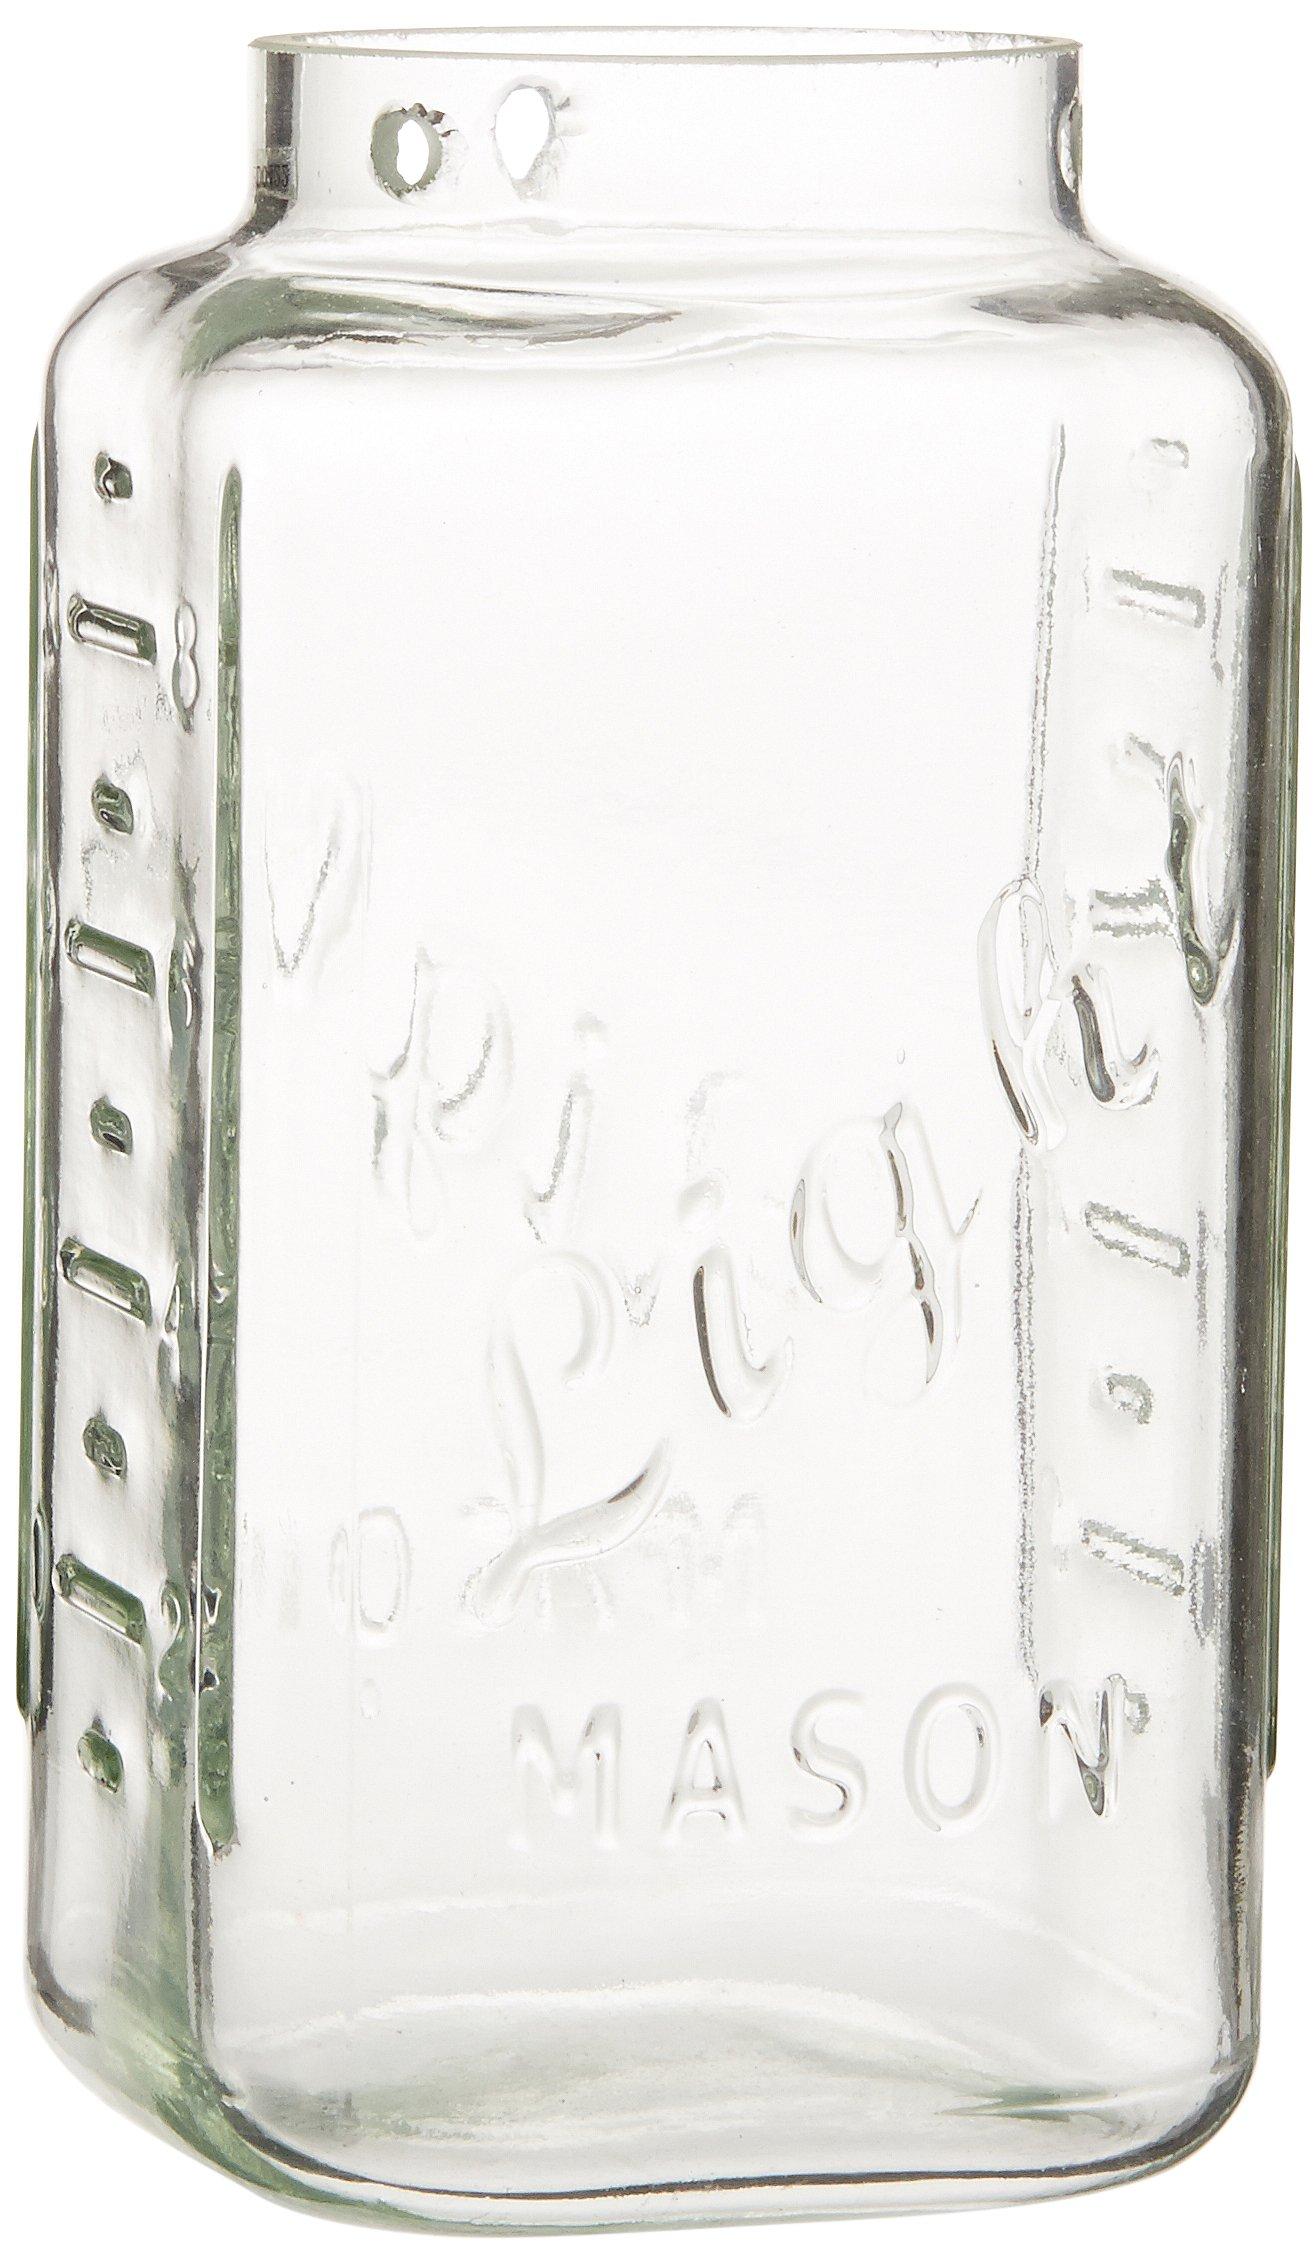 WAC Lighting G497-CL Glass Shade Mason, Clear